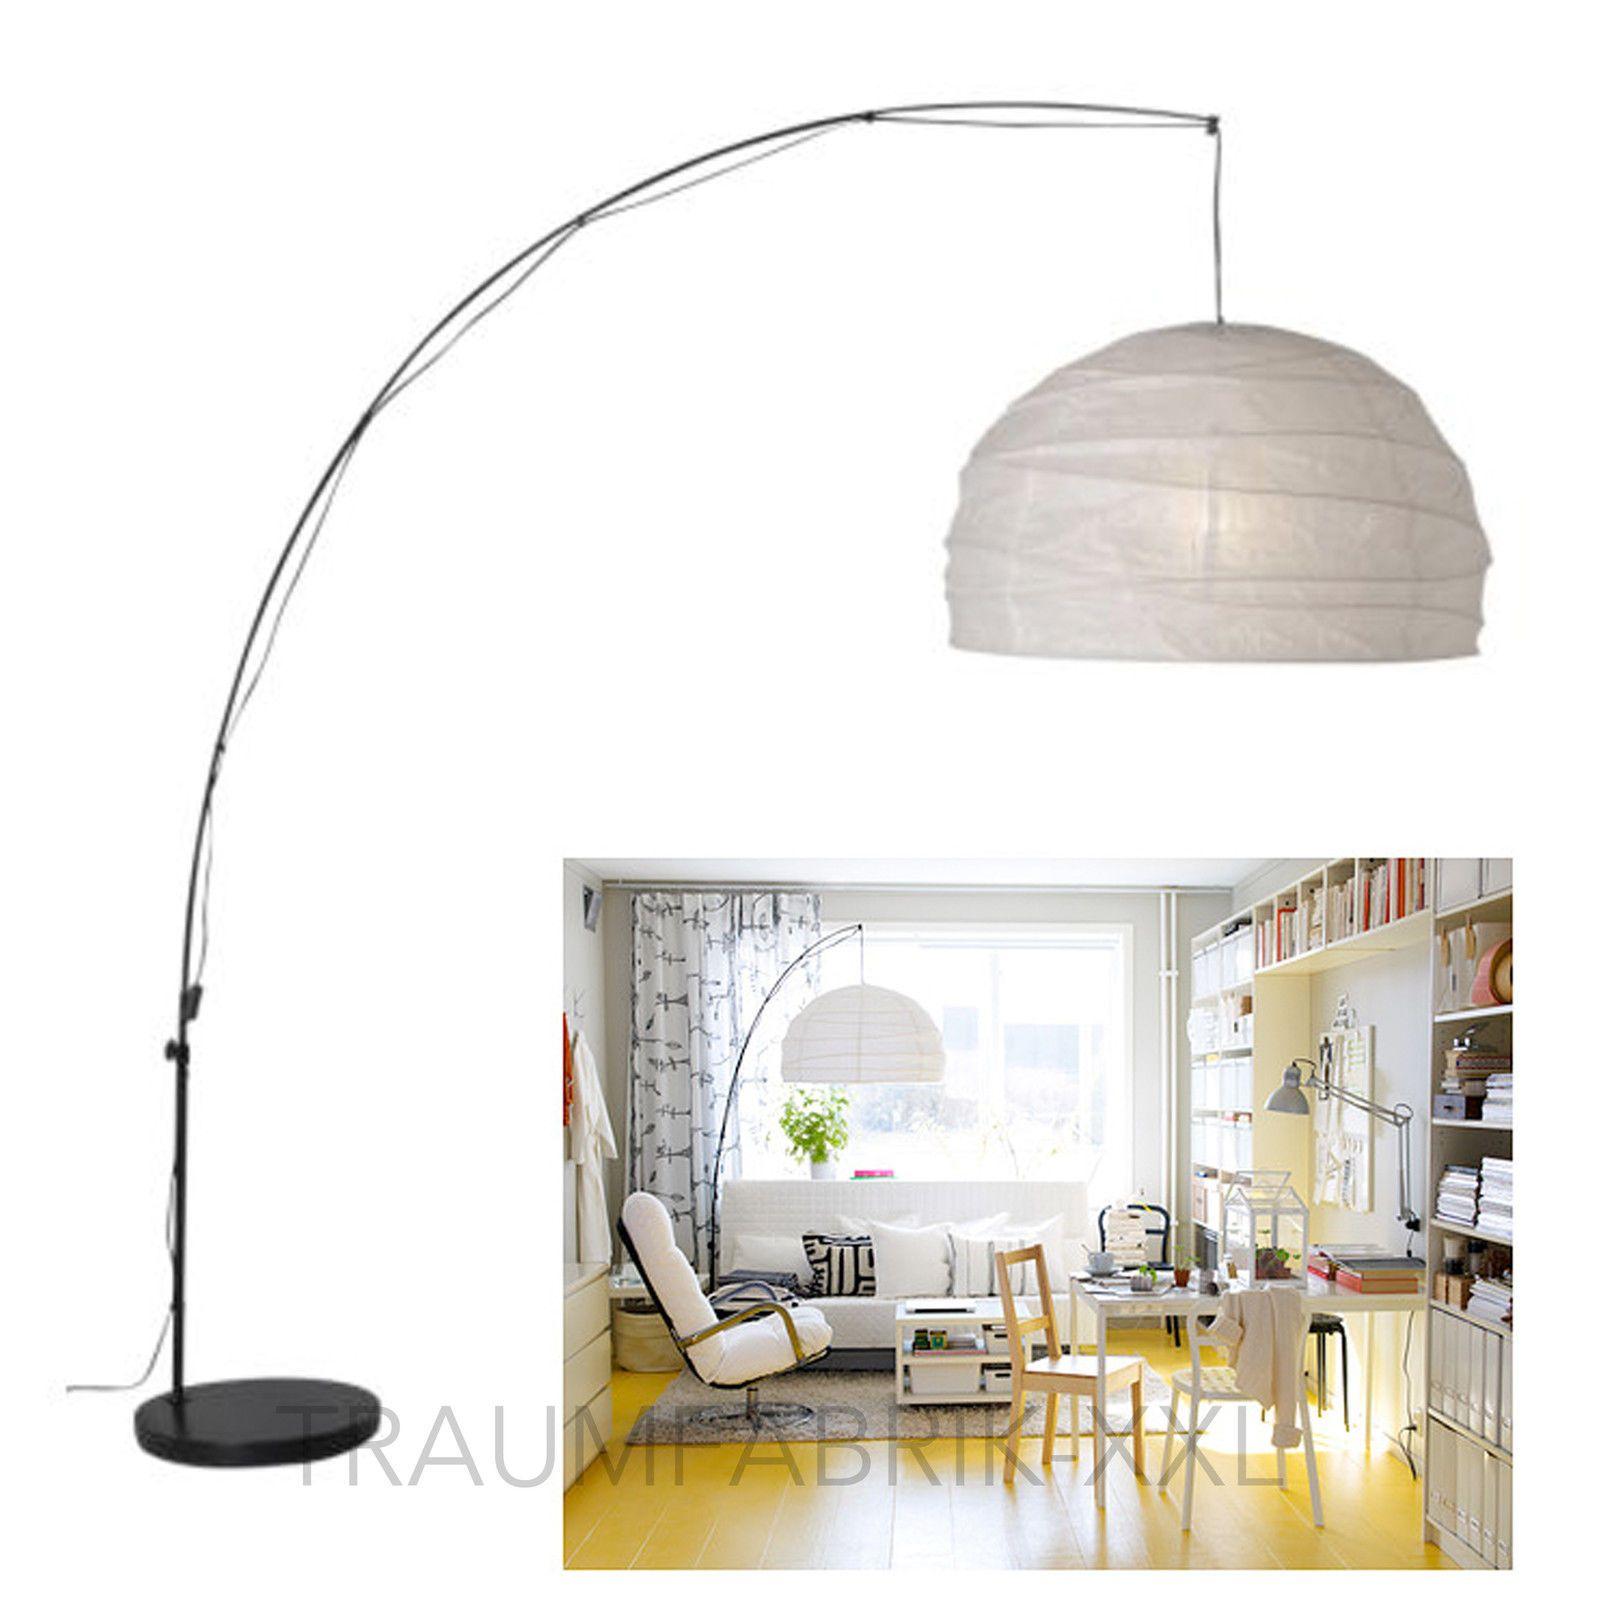 Full Size of Lampen Wohnzimmer Decke Ikea Hängeschrank Deckenlampe Bad Modulküche Led Deckenleuchte Tapeten Ideen Landhausstil Esstisch Deckenlampen Für Modern Gardinen Wohnzimmer Lampen Wohnzimmer Decke Ikea